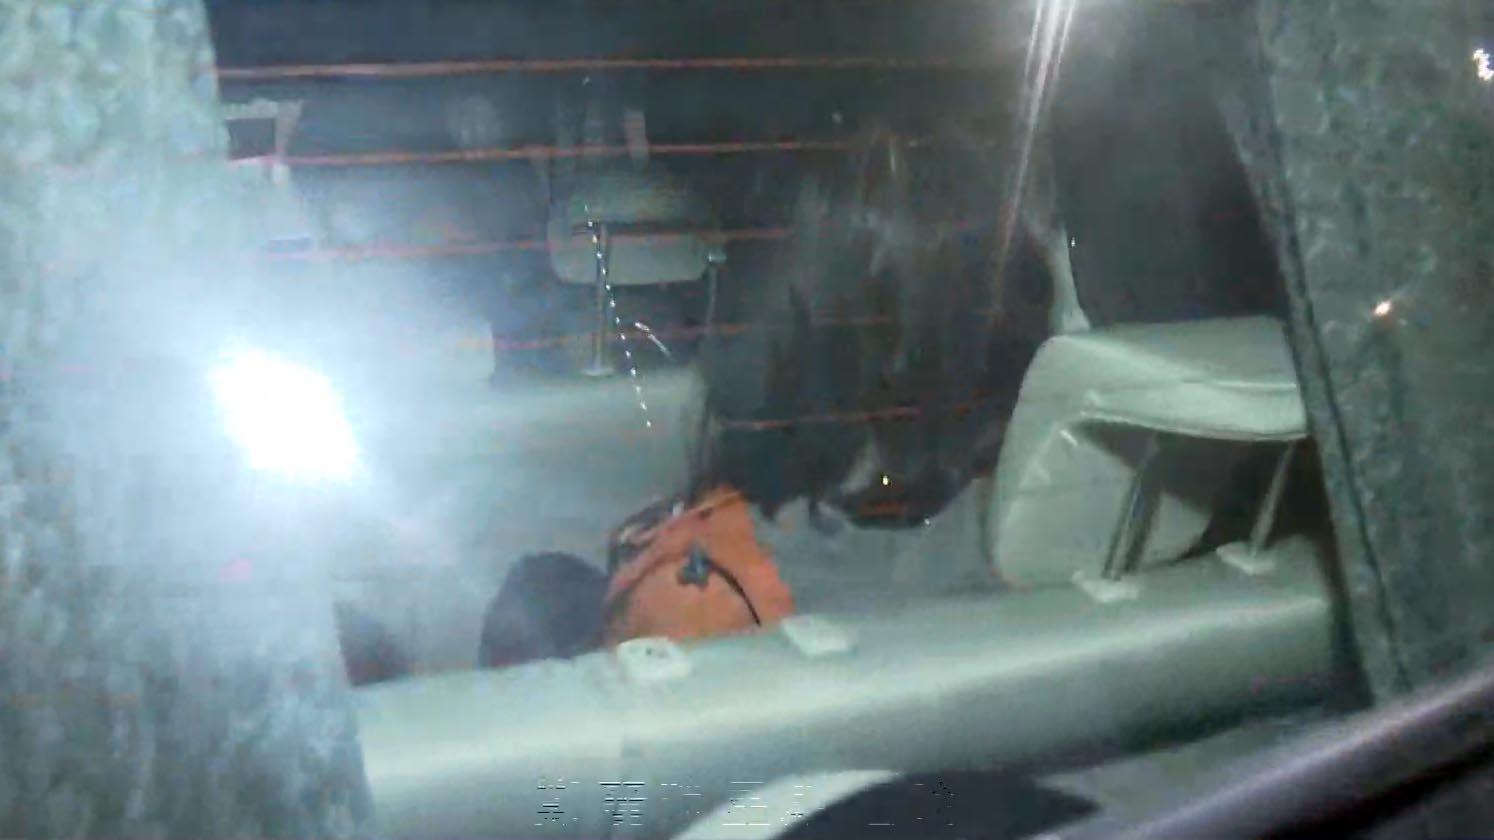 中西區區議會主席鄭麗琼被警方拘捕 被指涉煽動謠言罪